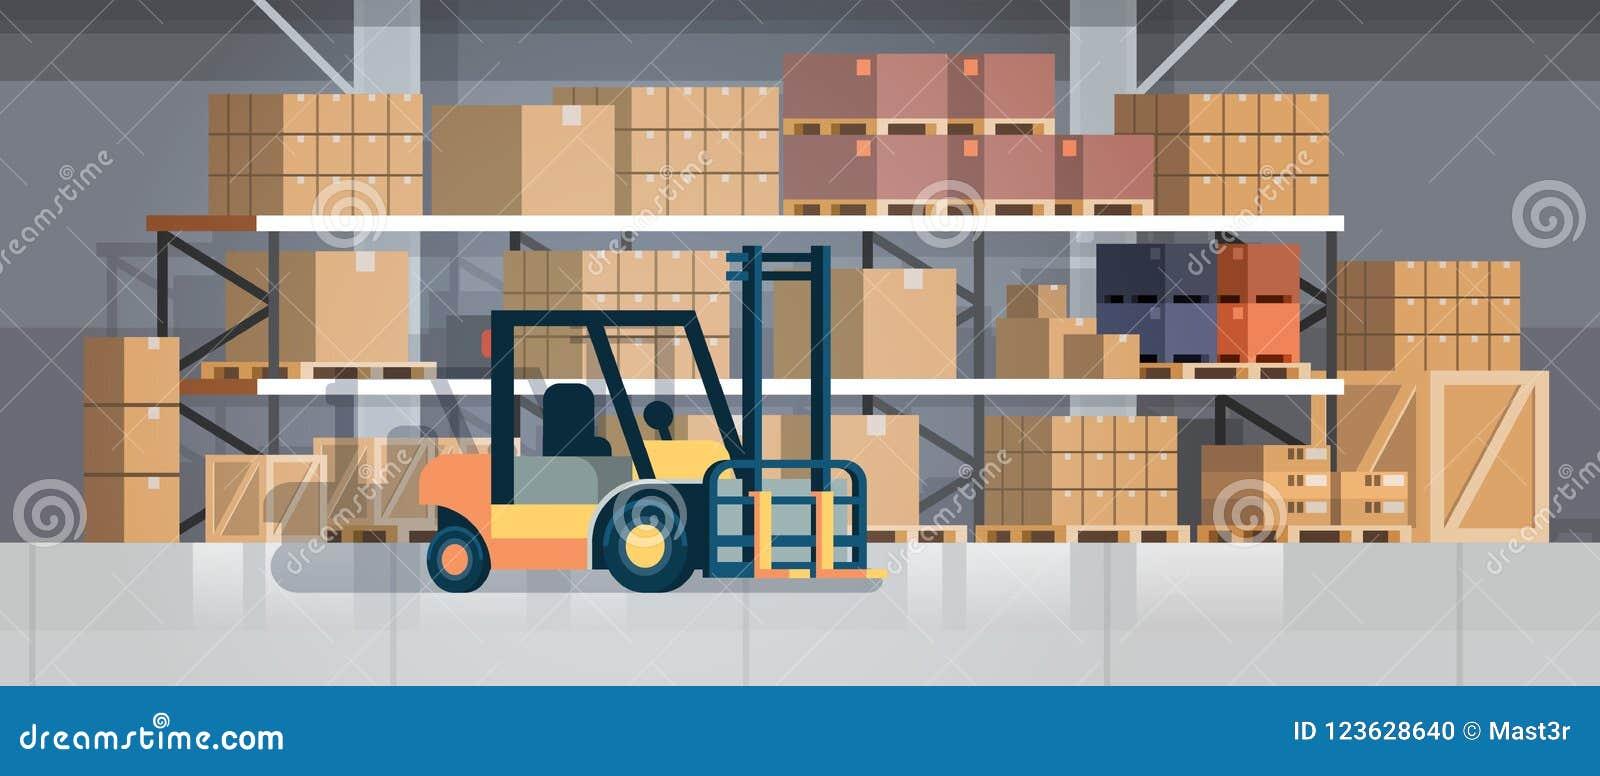 铲车装载者板台堆货机卡车设备仓库内部背景机架箱子国际交付概念